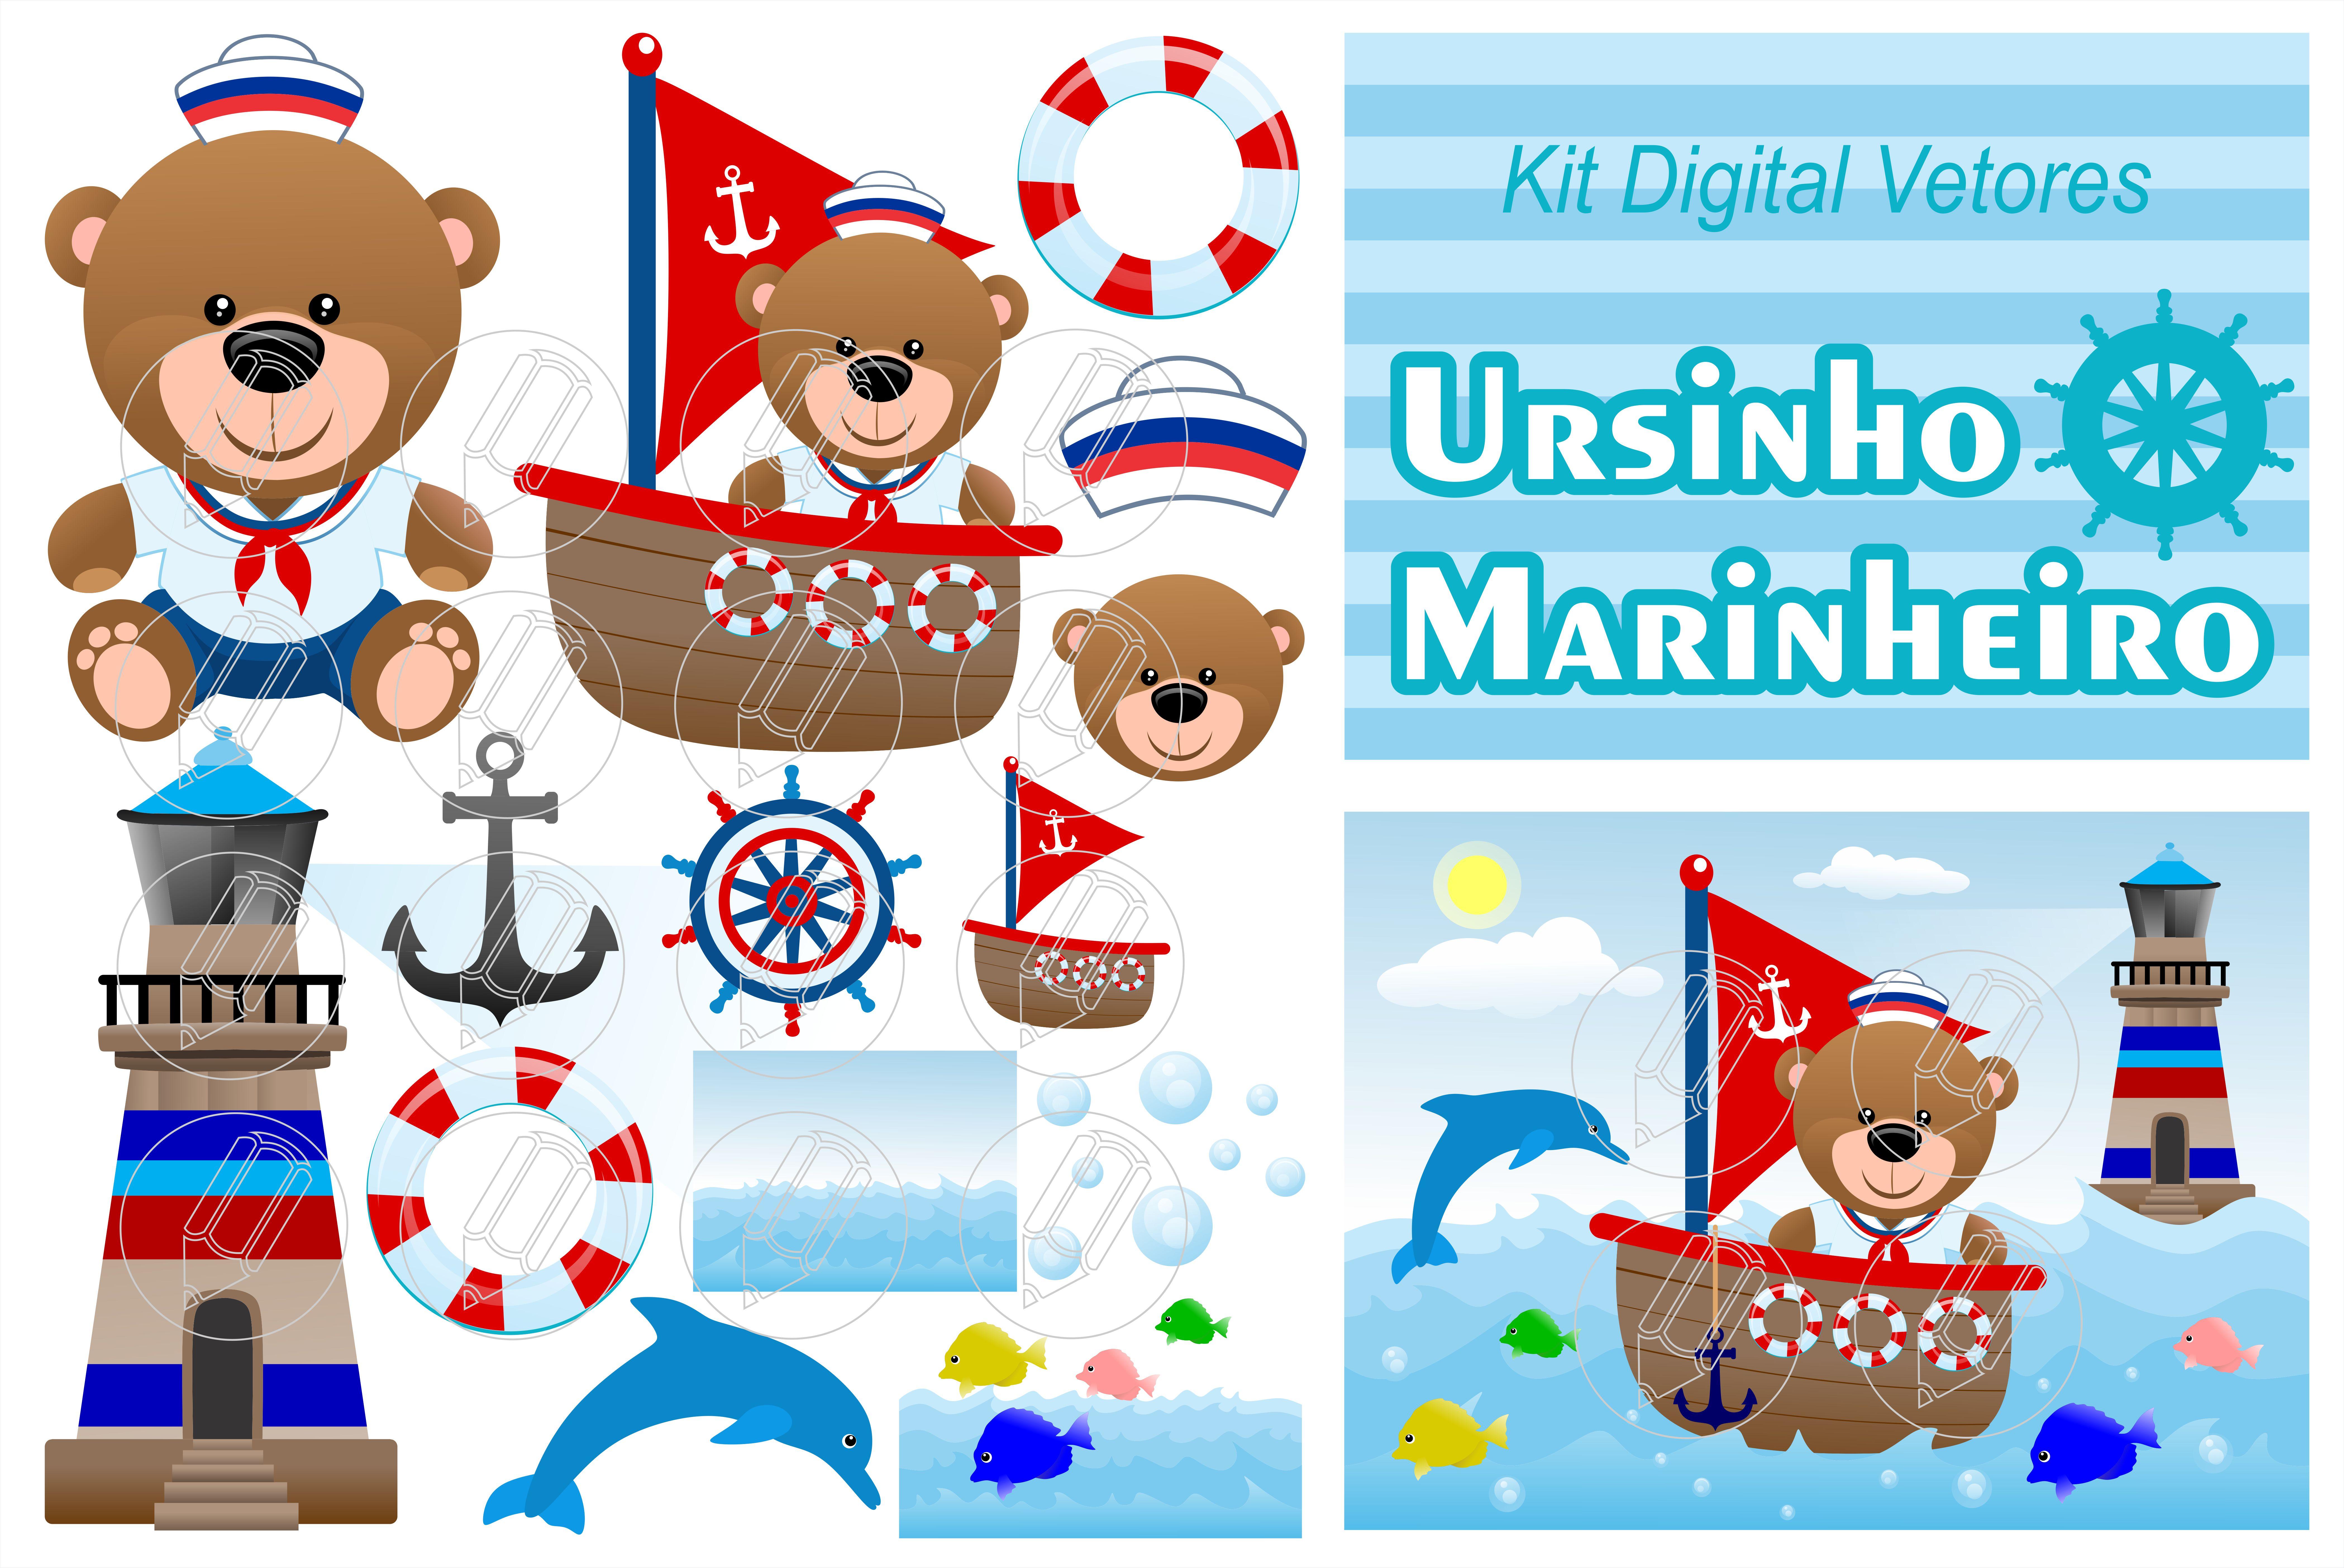 Ursinho Urso Marinheiro Kit Digital Vetor Imagens No Elo7 Mr